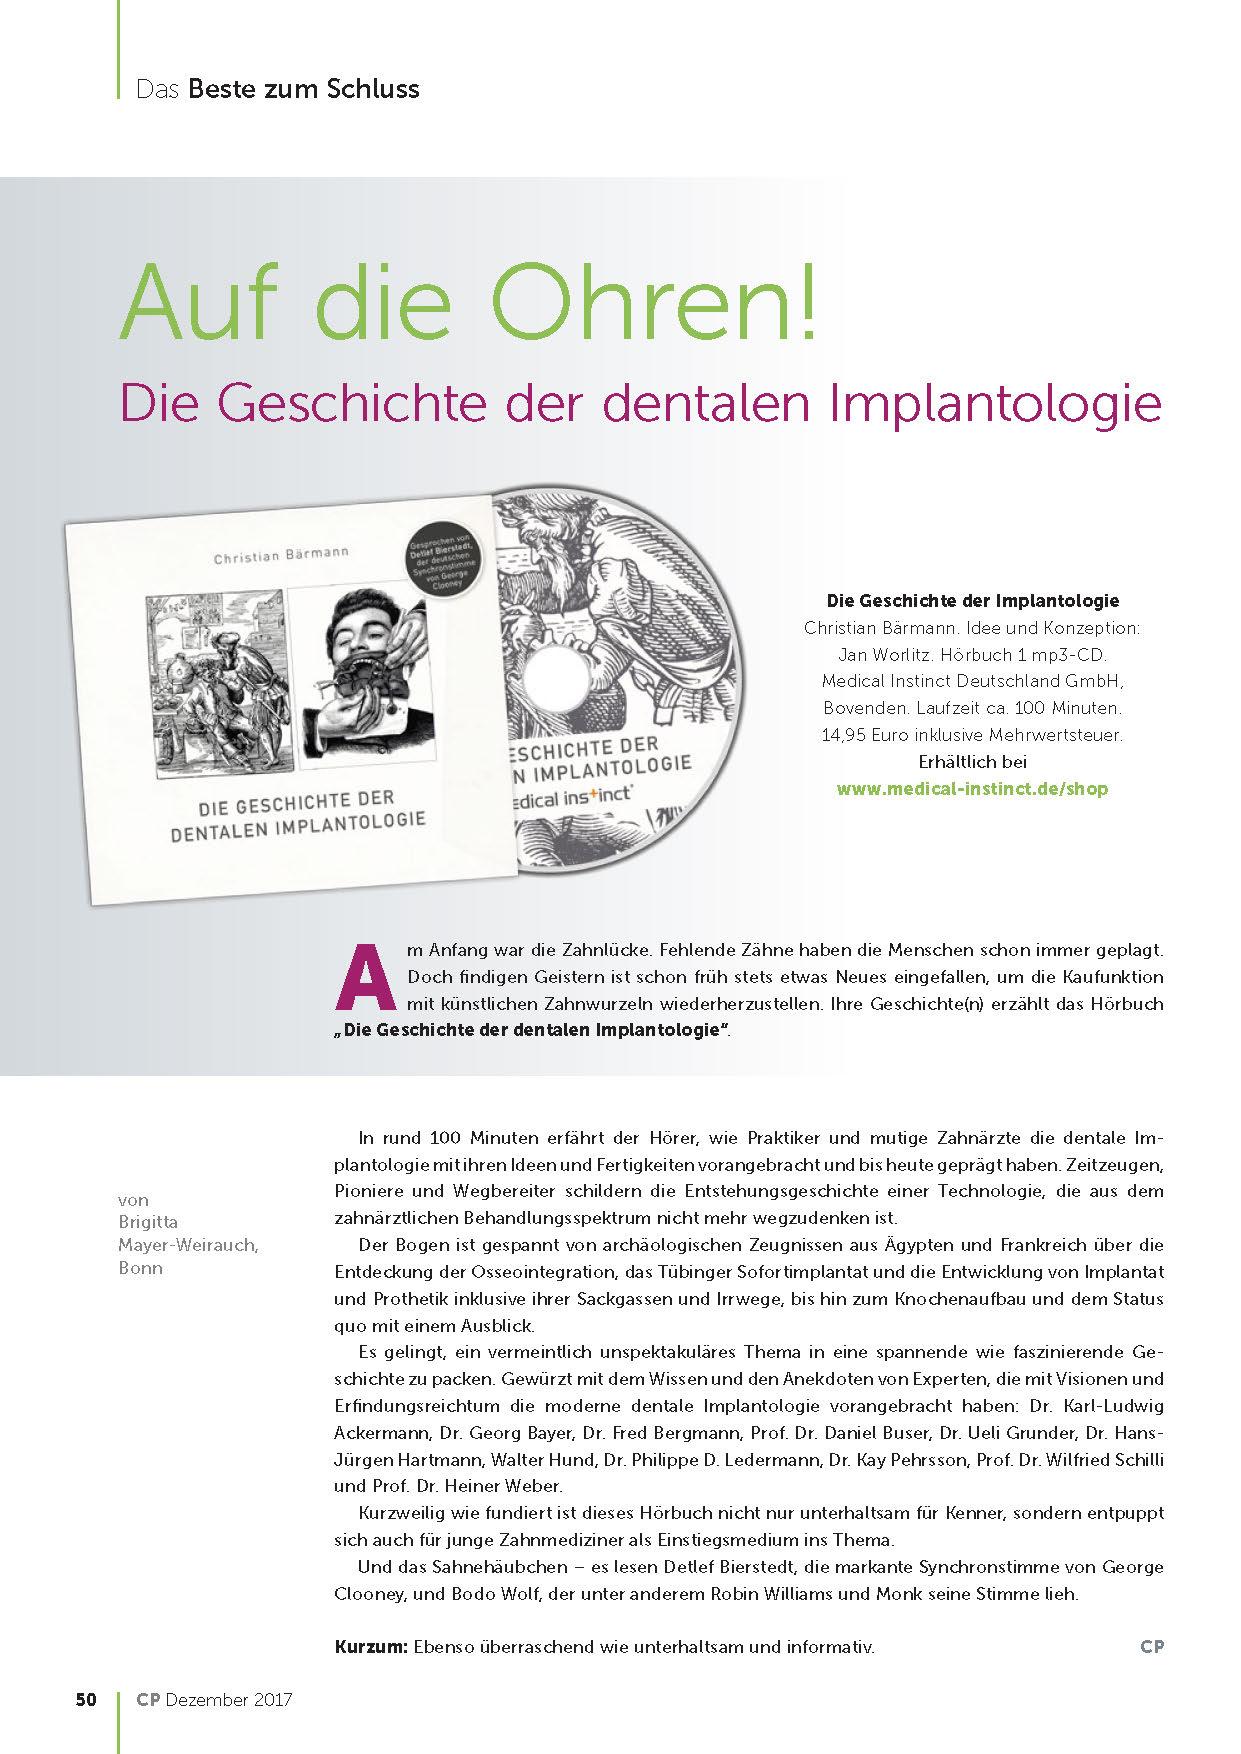 """CP Artikel - Hörbuch """"Die Geschichte der Implantologie"""""""